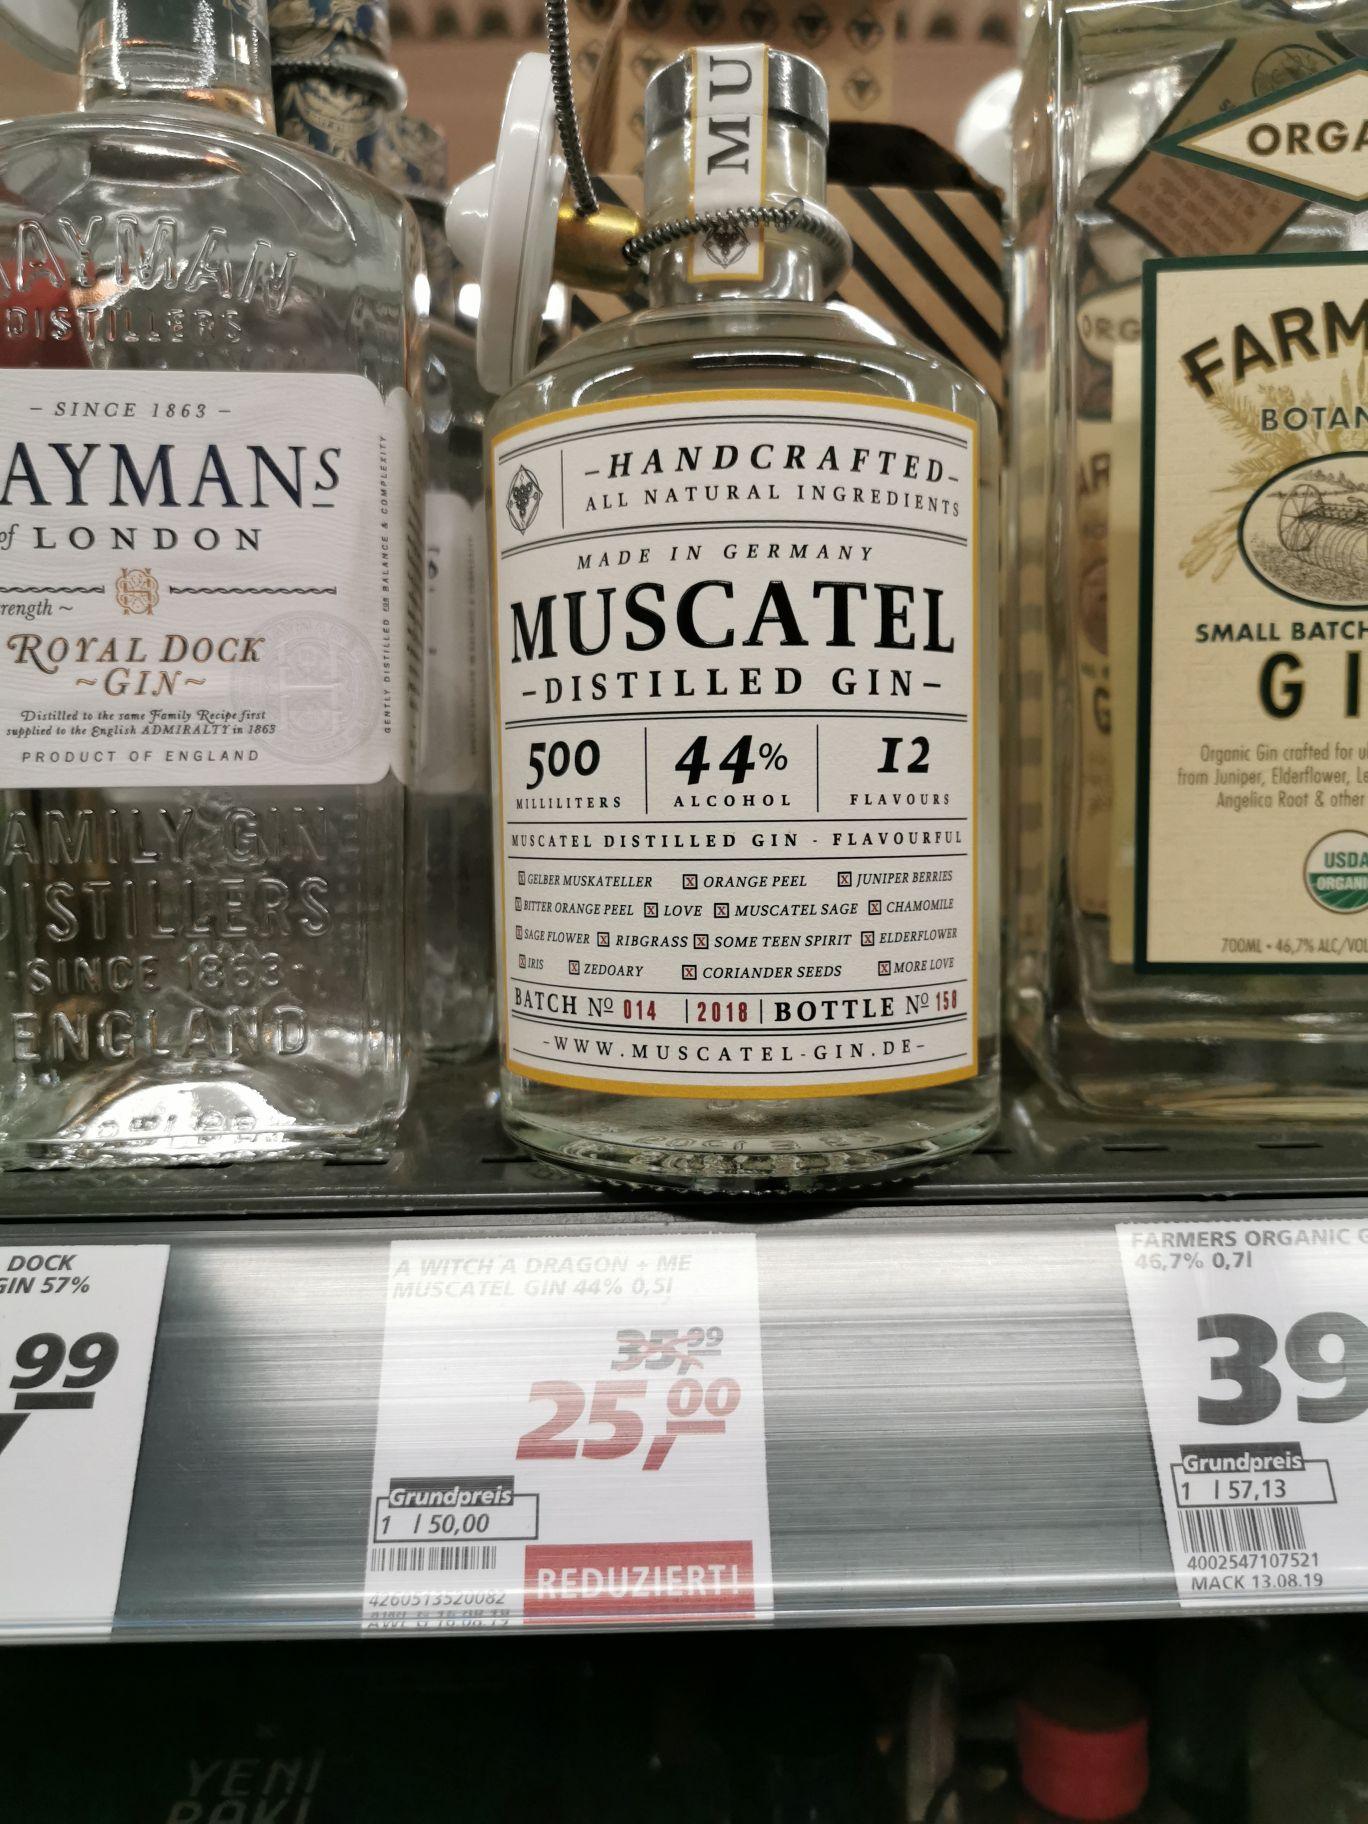 [Lokal] real Hamm - Muscatel Destilled Gin 0,5 l